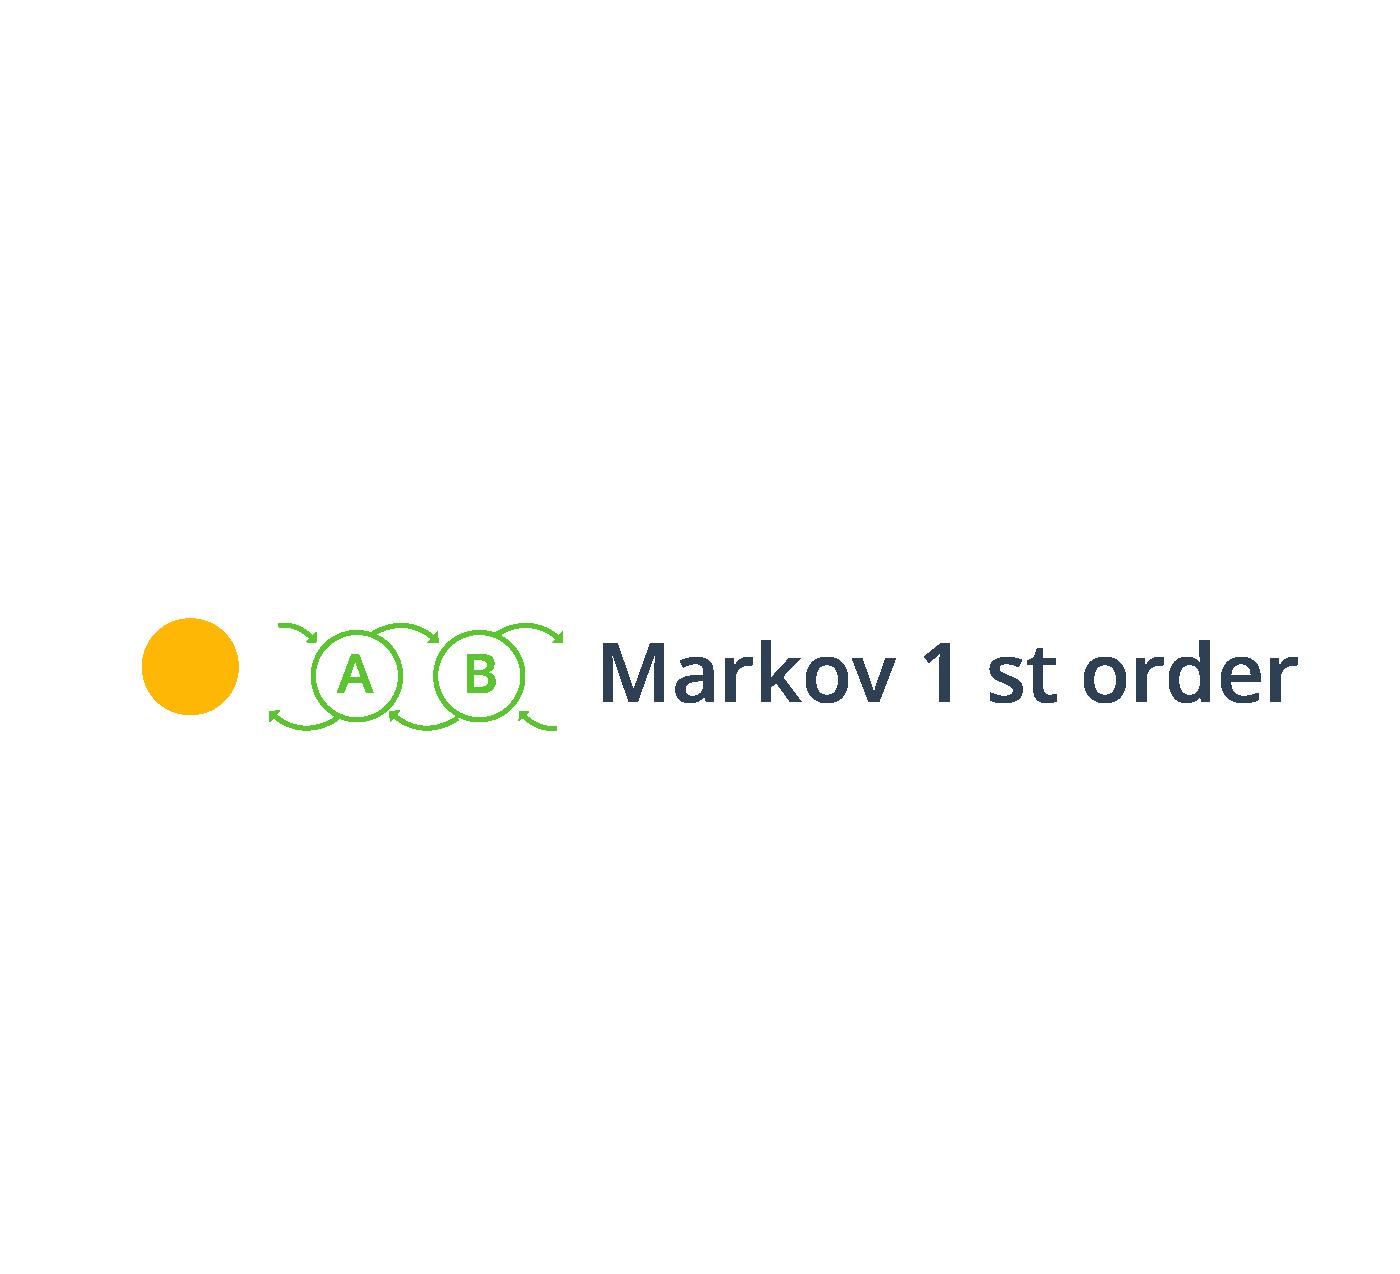 MARKOV CHAIN 1ST ORDER